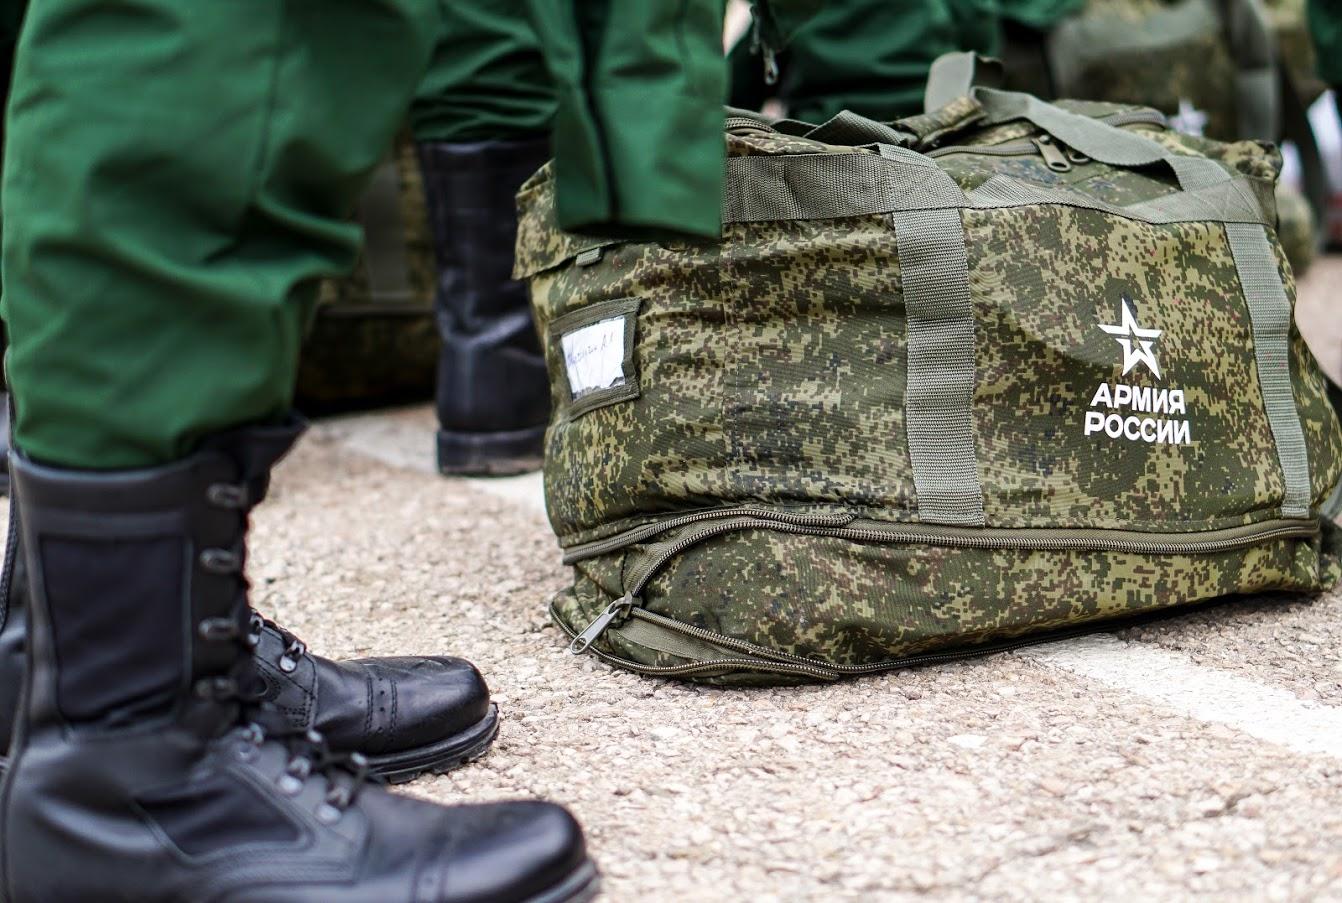 Около 200 военнослужащих помогут привести в порядок Ялту